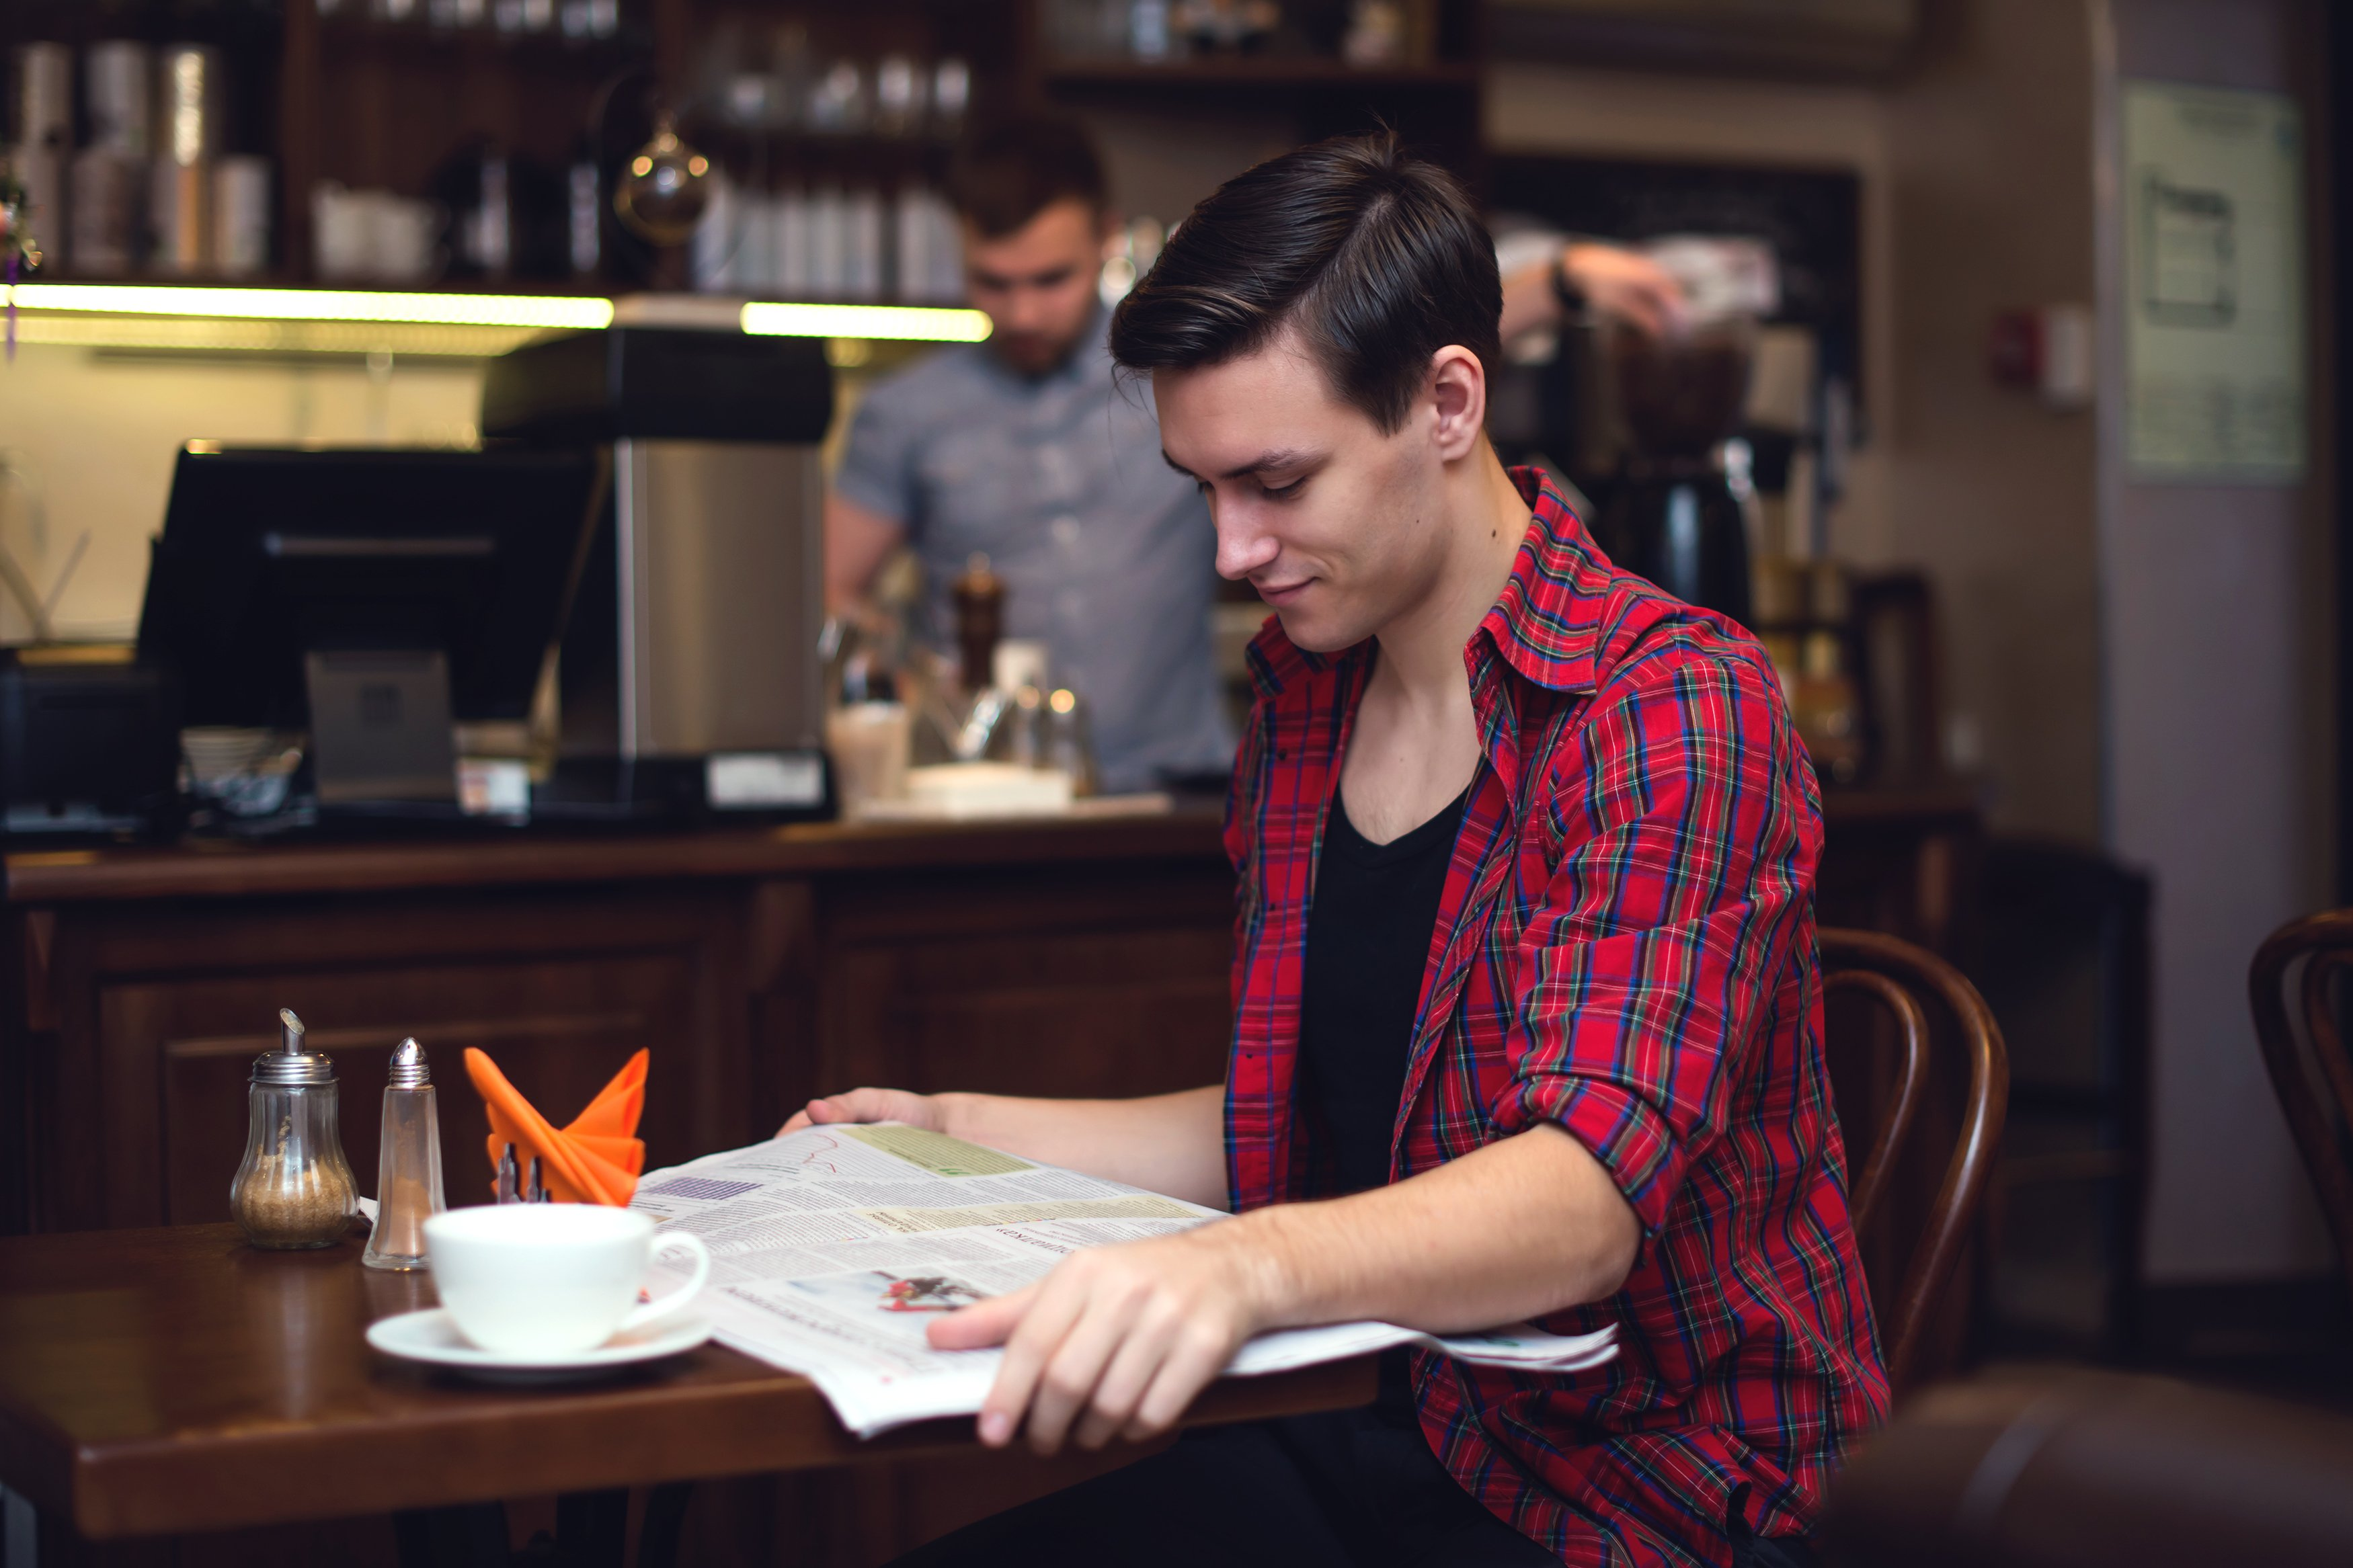 Un jeune homme prenant un verre | Photo : Shutterstock